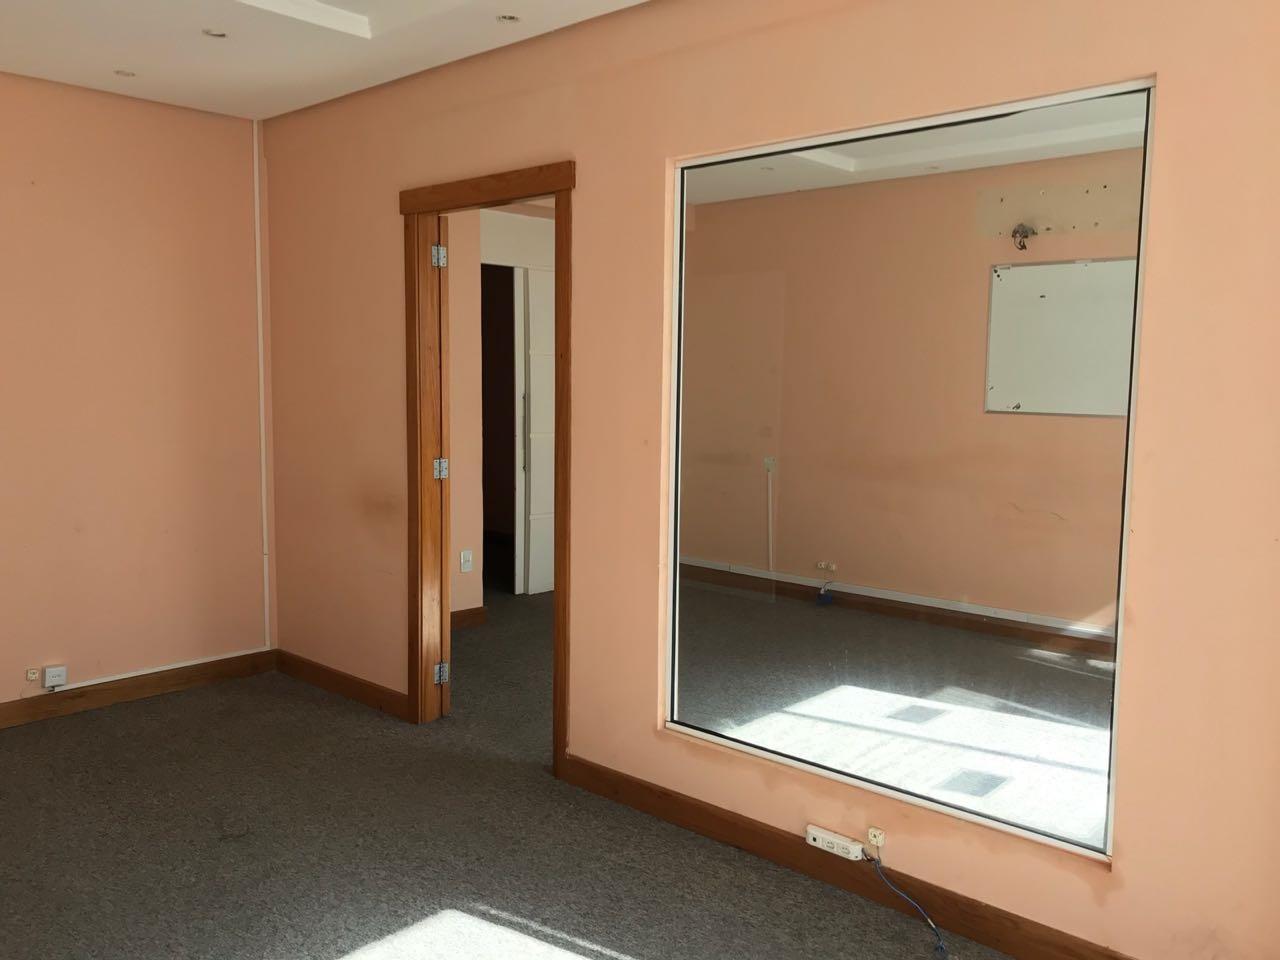 Conjunto, 45 m²  no bairro CENTRO HISTORICO em PORTO ALEGRE/RS - Loja Imobiliária o seu portal de imóveis para alugar, aluguel e locação